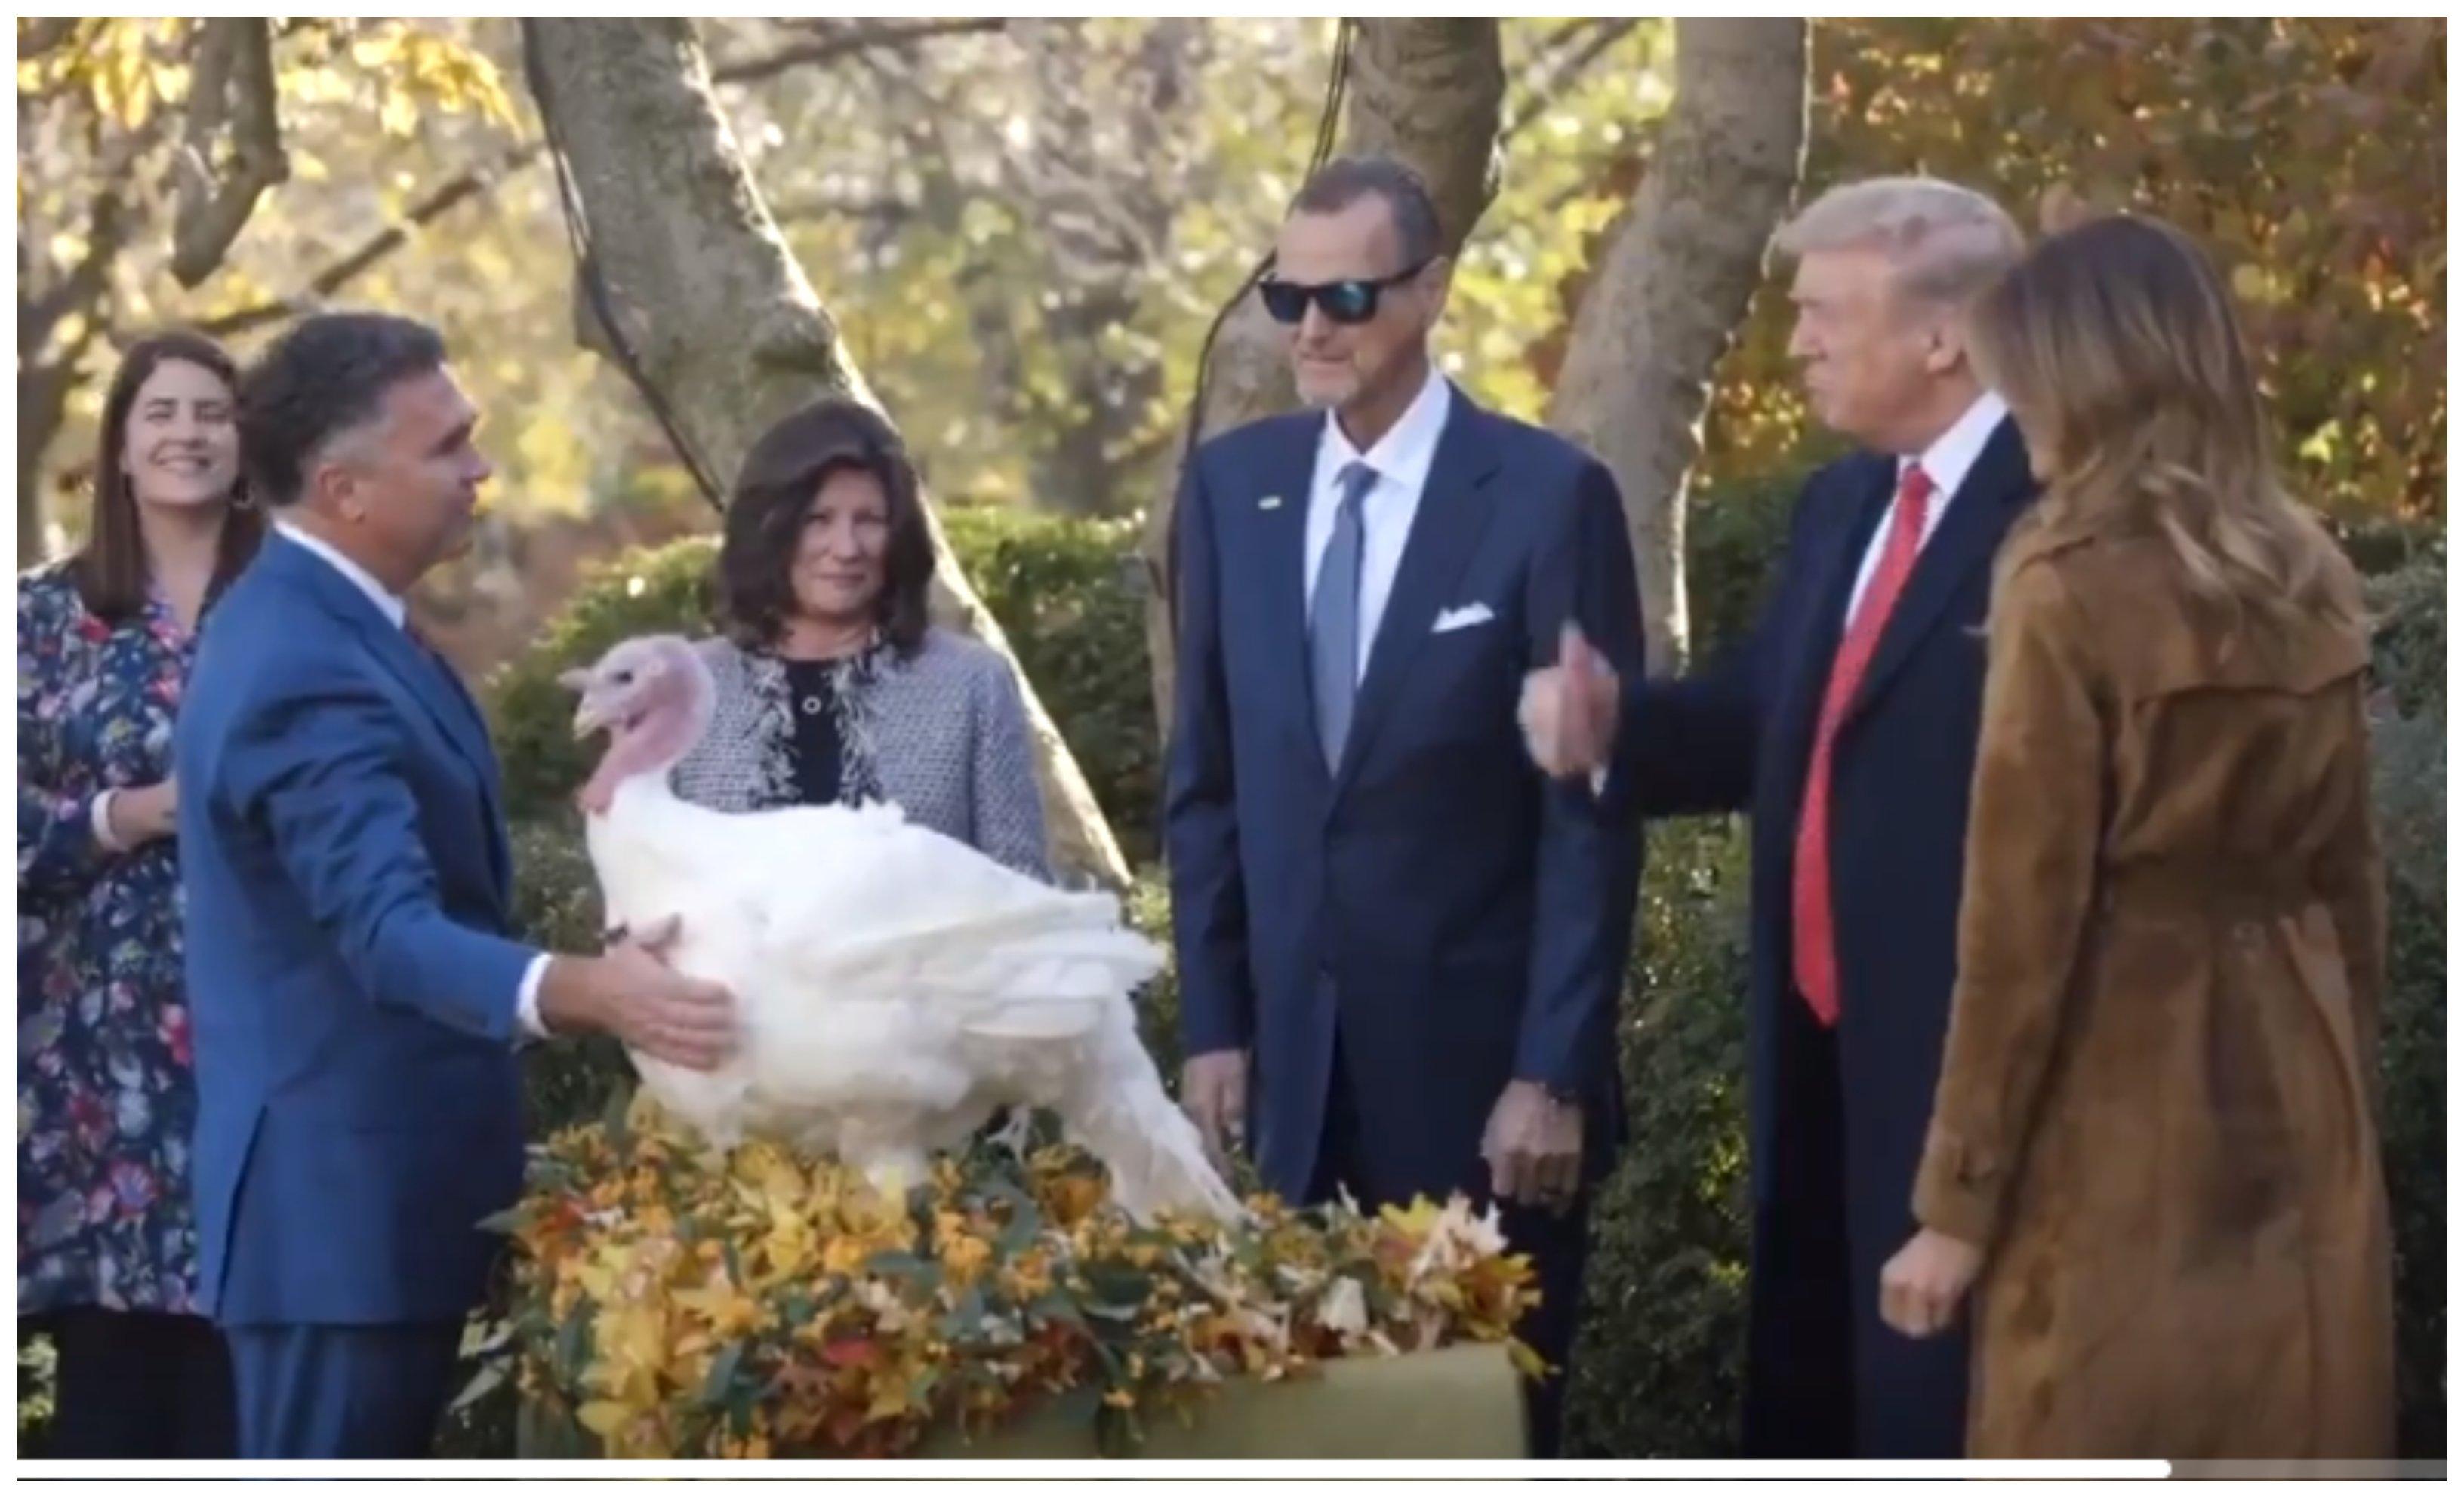 Uno de los pavos indultados por Trump en Acción de Gracias